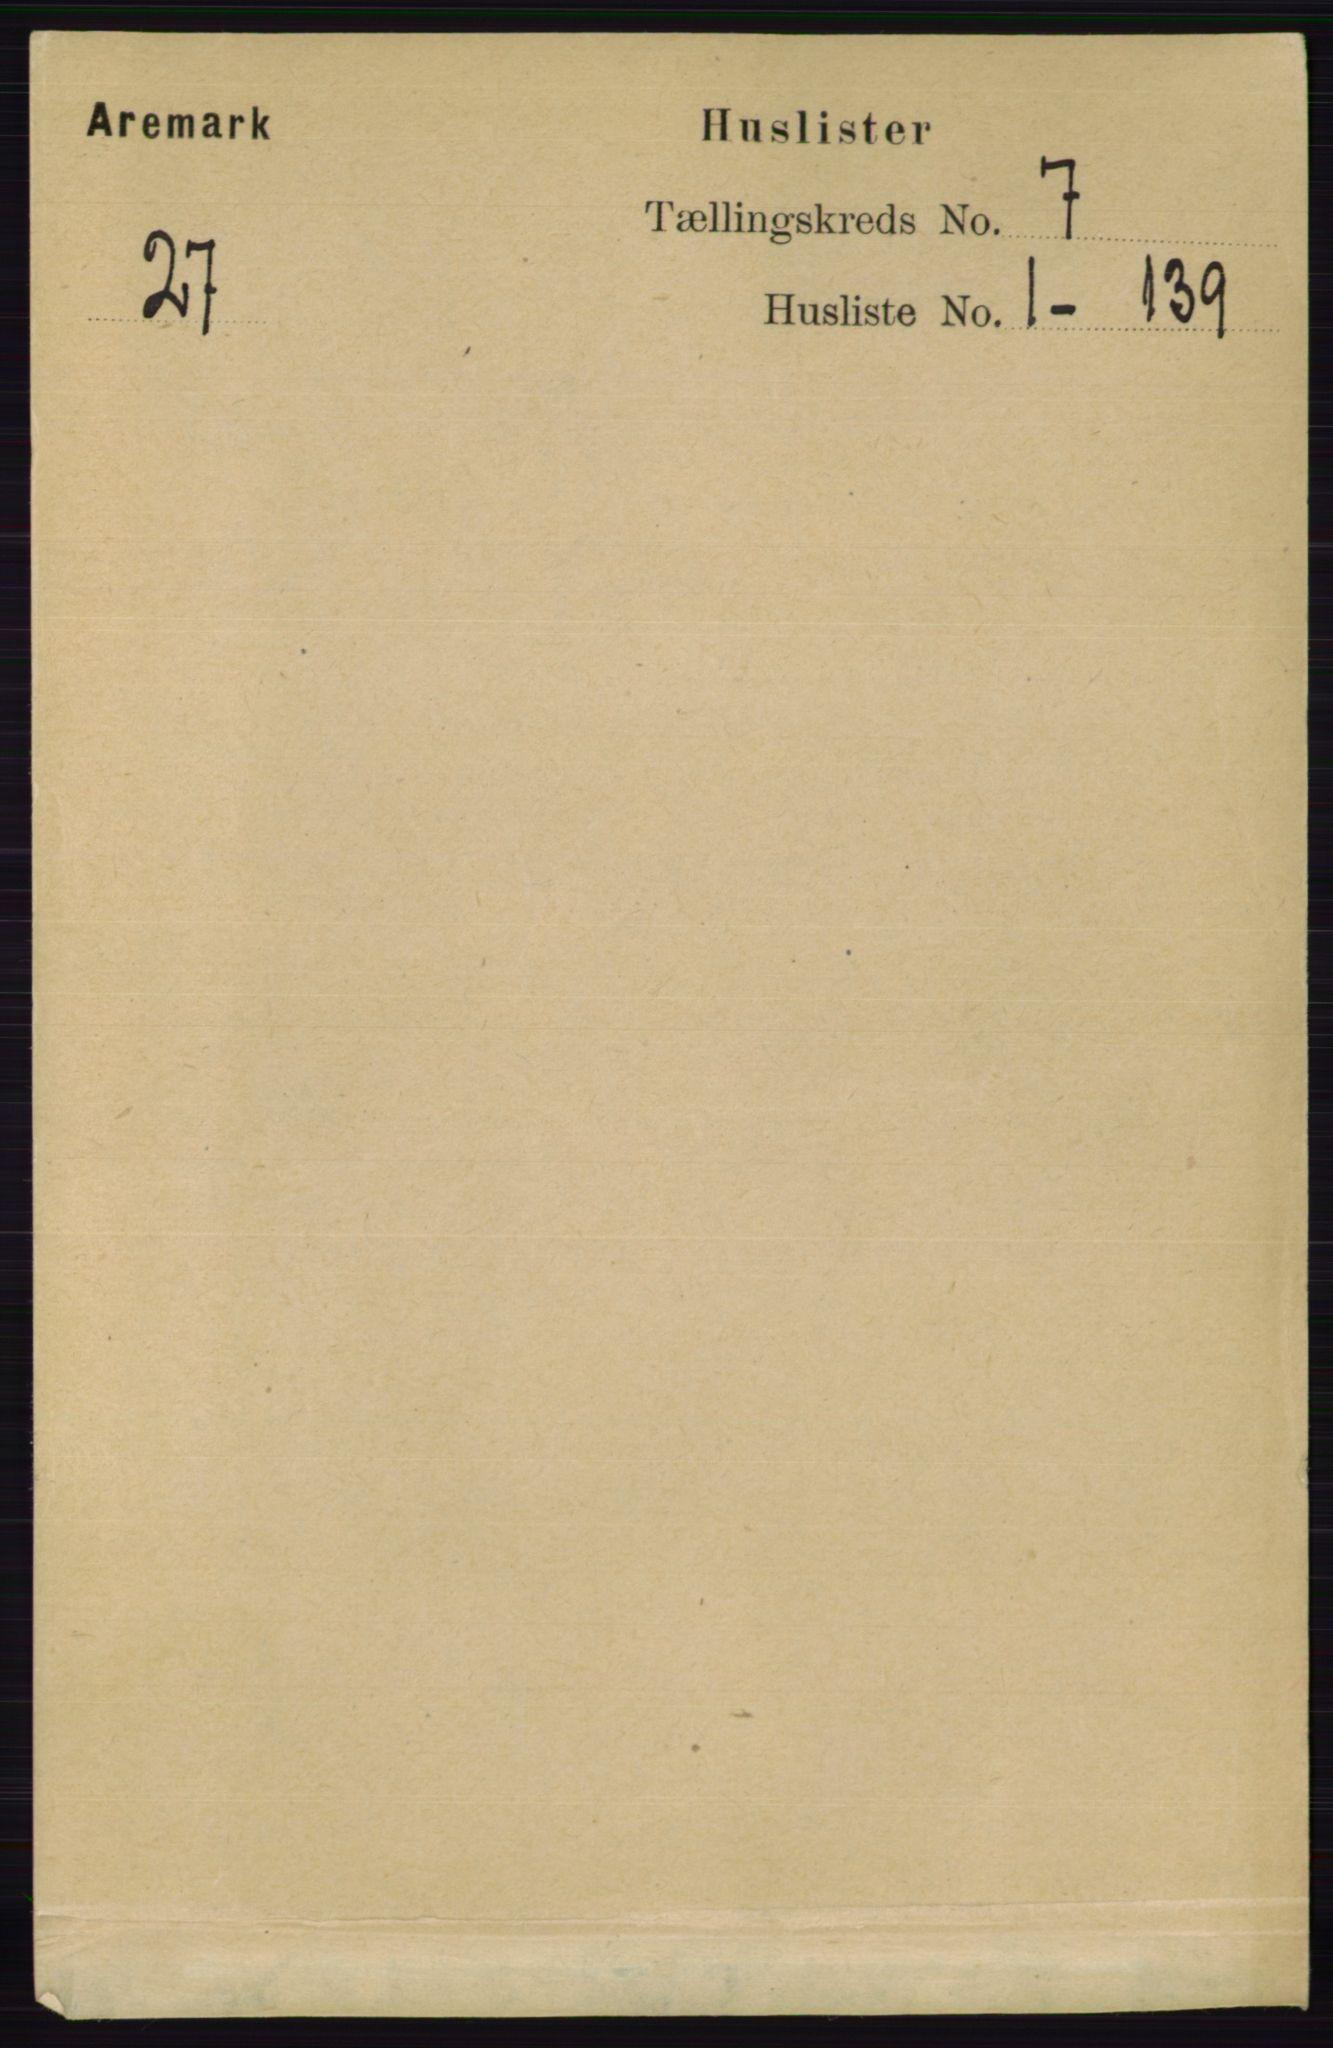 RA, Folketelling 1891 for 0118 Aremark herred, 1891, s. 3761